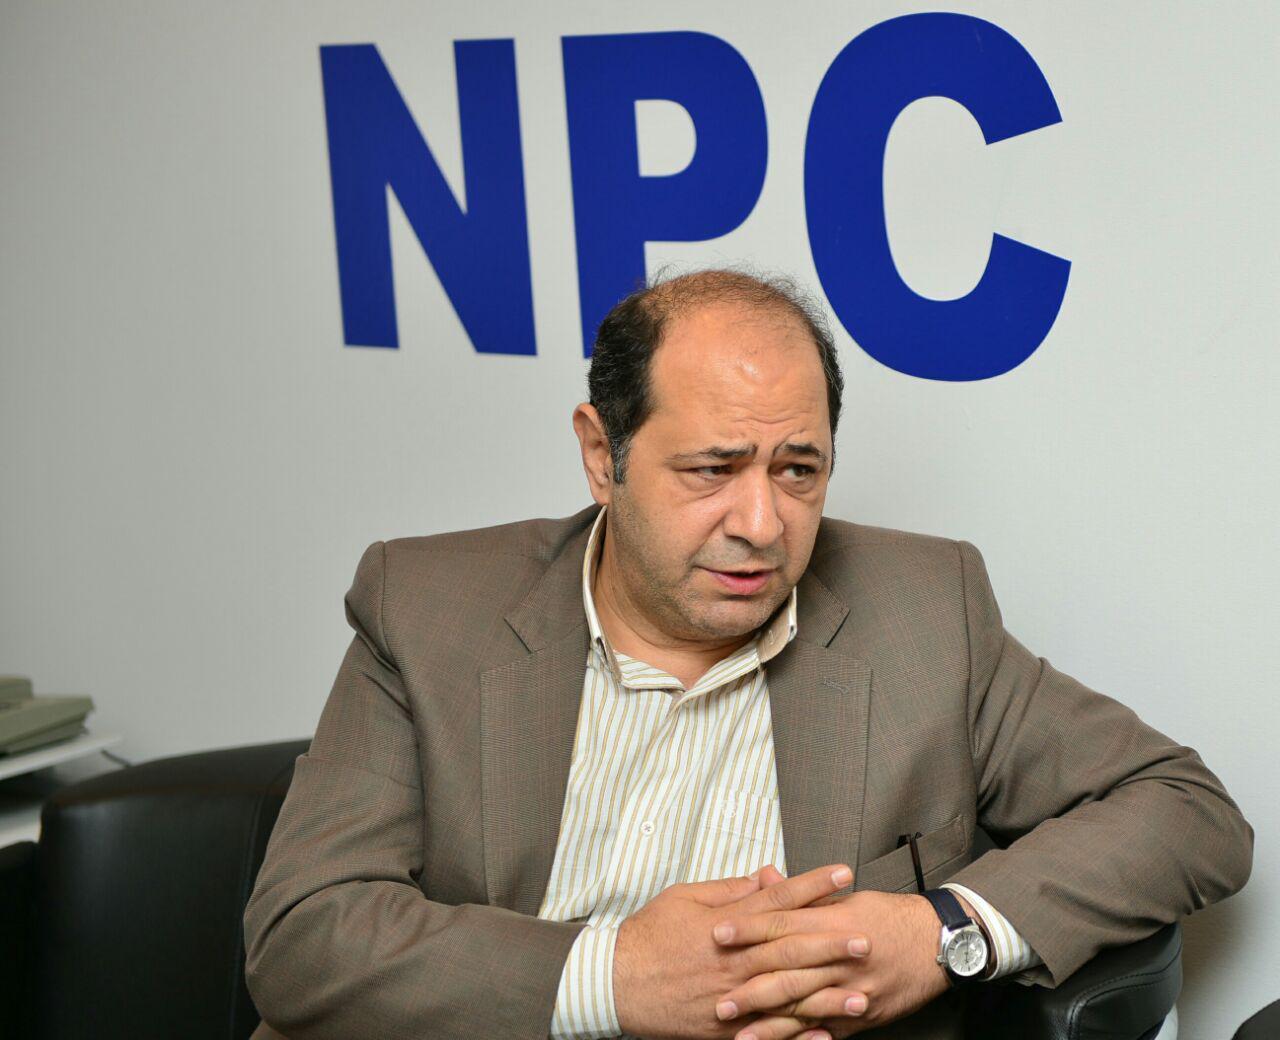 اعلام آمادگی یک کنسرسیوم ایرانی برای سرمایهگذاری در ماهشهر